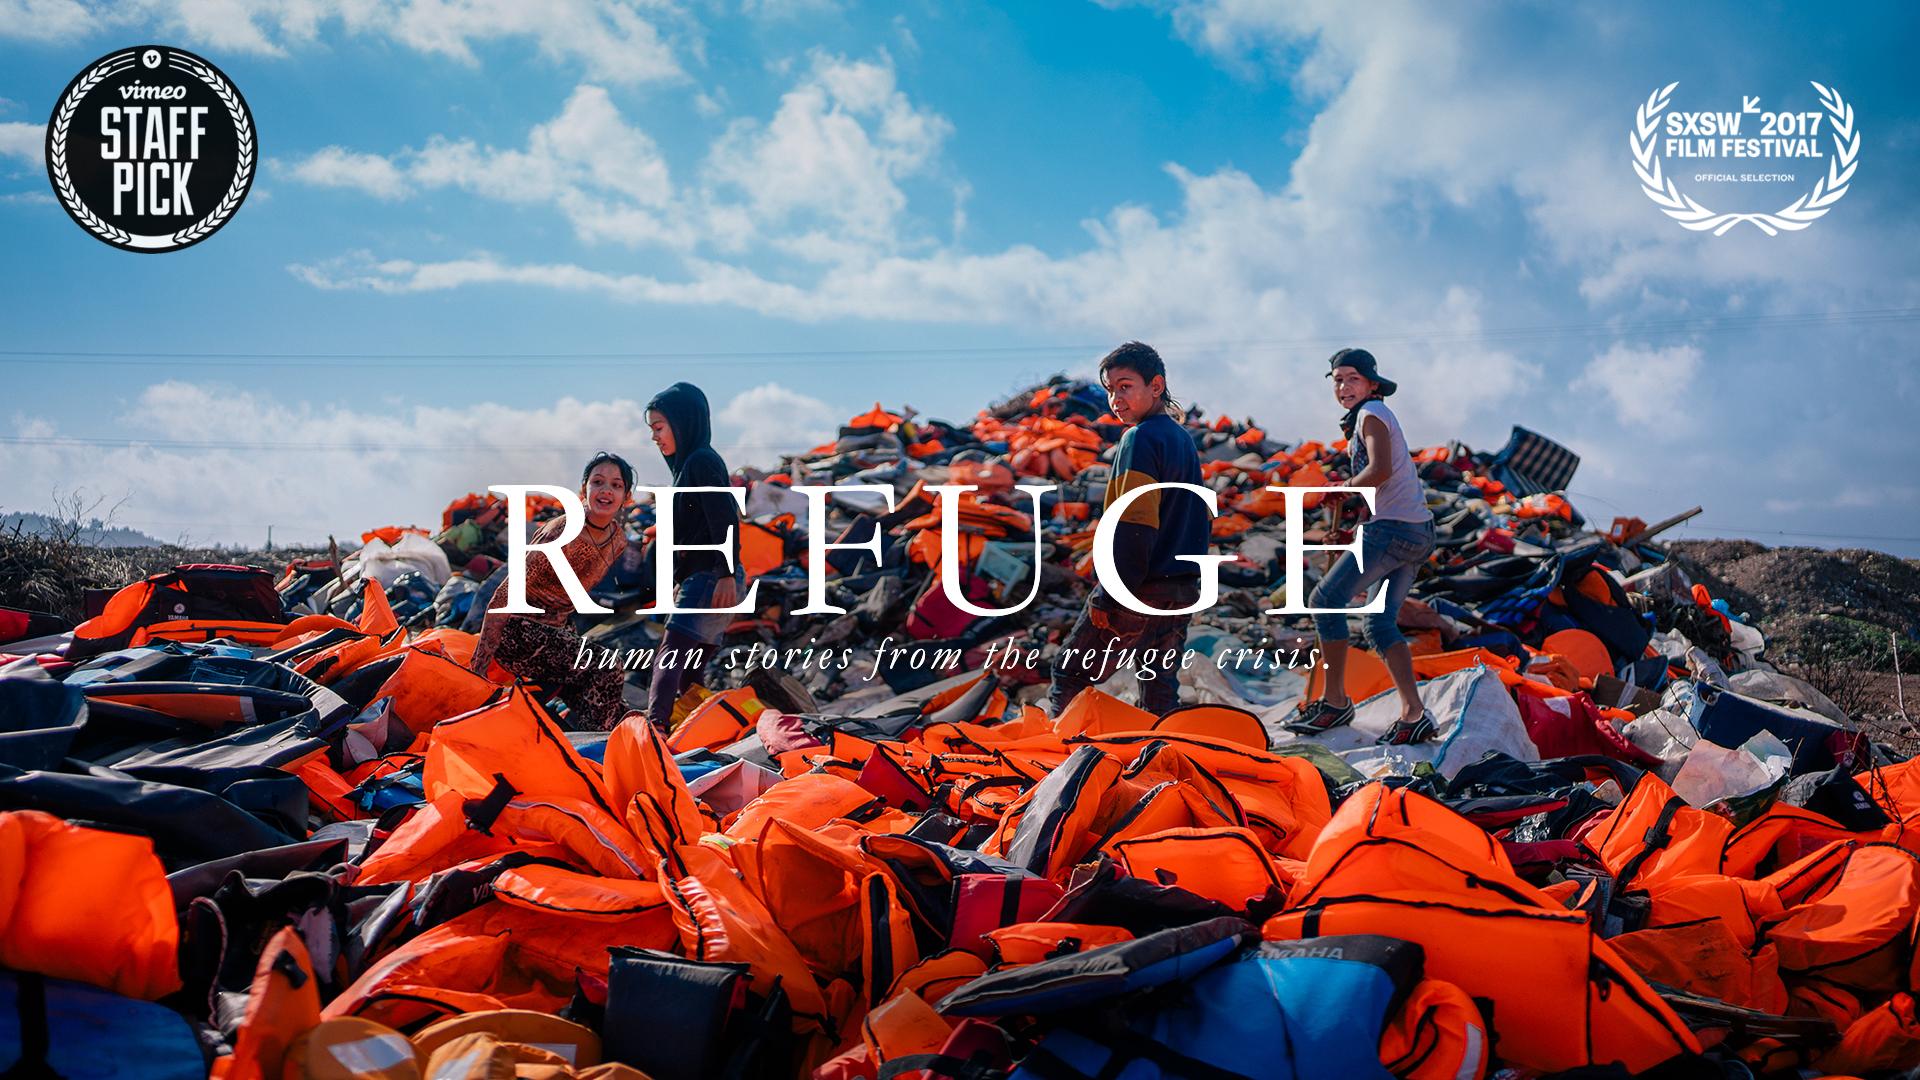 Refuge Video Thumbnail 2019 - Badged for MKF Site.jpg